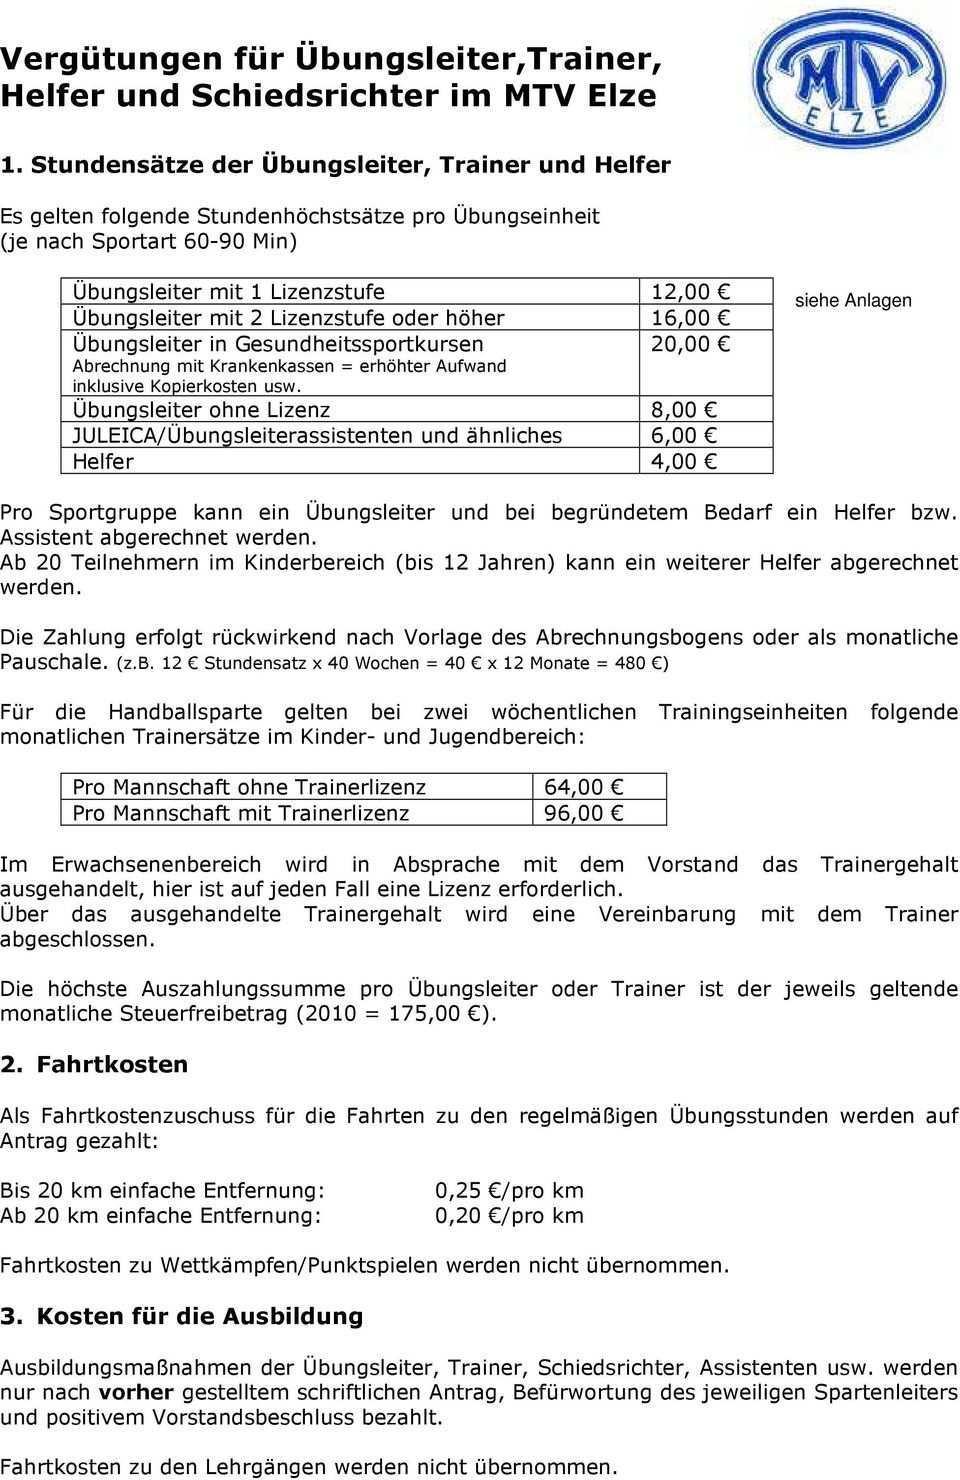 Vergutungen Fur Ubungsleiter Trainer Helfer Und Schiedsrichter Im Mtv Elze Pdf Kostenfreier Download